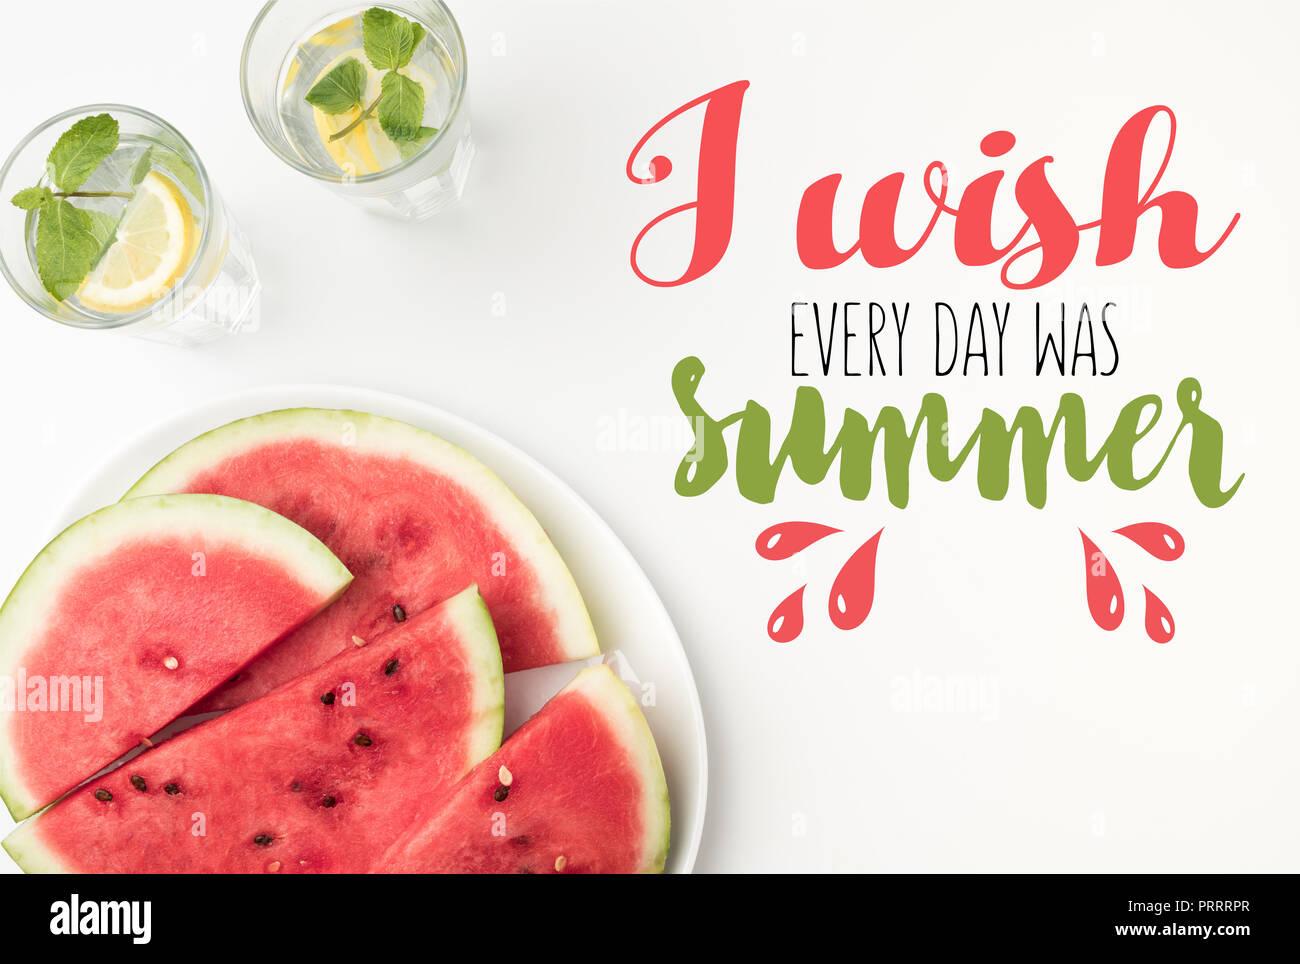 """Vista superior de rebanadas de sandía en la placa y la limonada en vasos, con """"deseo cada día era verano' rotulación Imagen De Stock"""